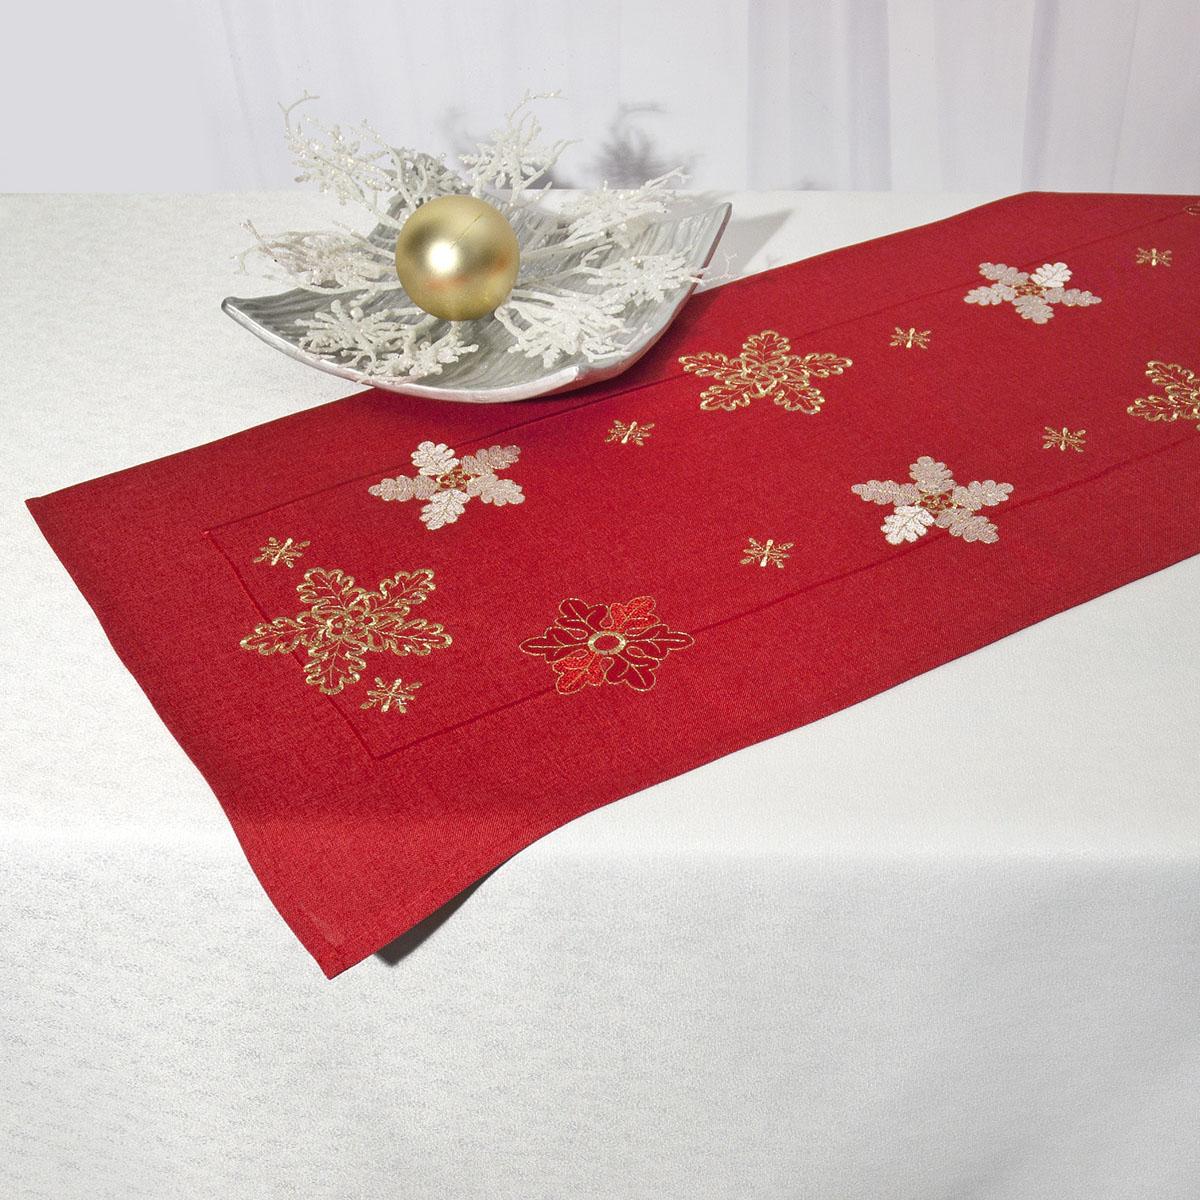 Дорожка для декорирования стола Schaefer, прямоугольная, цвет: красный, 40 x 110 см 07490-23307490-233Дорожка Schaefer выполнена из высококачественного полиэстера и украшена вышитым рисунком в виде снежинок. Вы можете использовать дорожку для декорирования стола, комода или журнального столика.Благодаря такой дорожке вы защитите поверхность мебели от воды, пятен и механических воздействий, а также создадите атмосферу уюта и домашнего тепла в интерьере вашей квартиры. Изделия из искусственных волокон легко стирать: они не мнутся, не садятся и быстро сохнут, они более долговечны, чем изделия из натуральных волокон. Изысканный текстиль от немецкой компании Schaefer - это красота, стиль и уют в вашем доме. Дорожка органично впишется в интерьер любого помещения, а оригинальный дизайн удовлетворит даже самый изысканный вкус. Дарите себе и близким красоту каждый день!